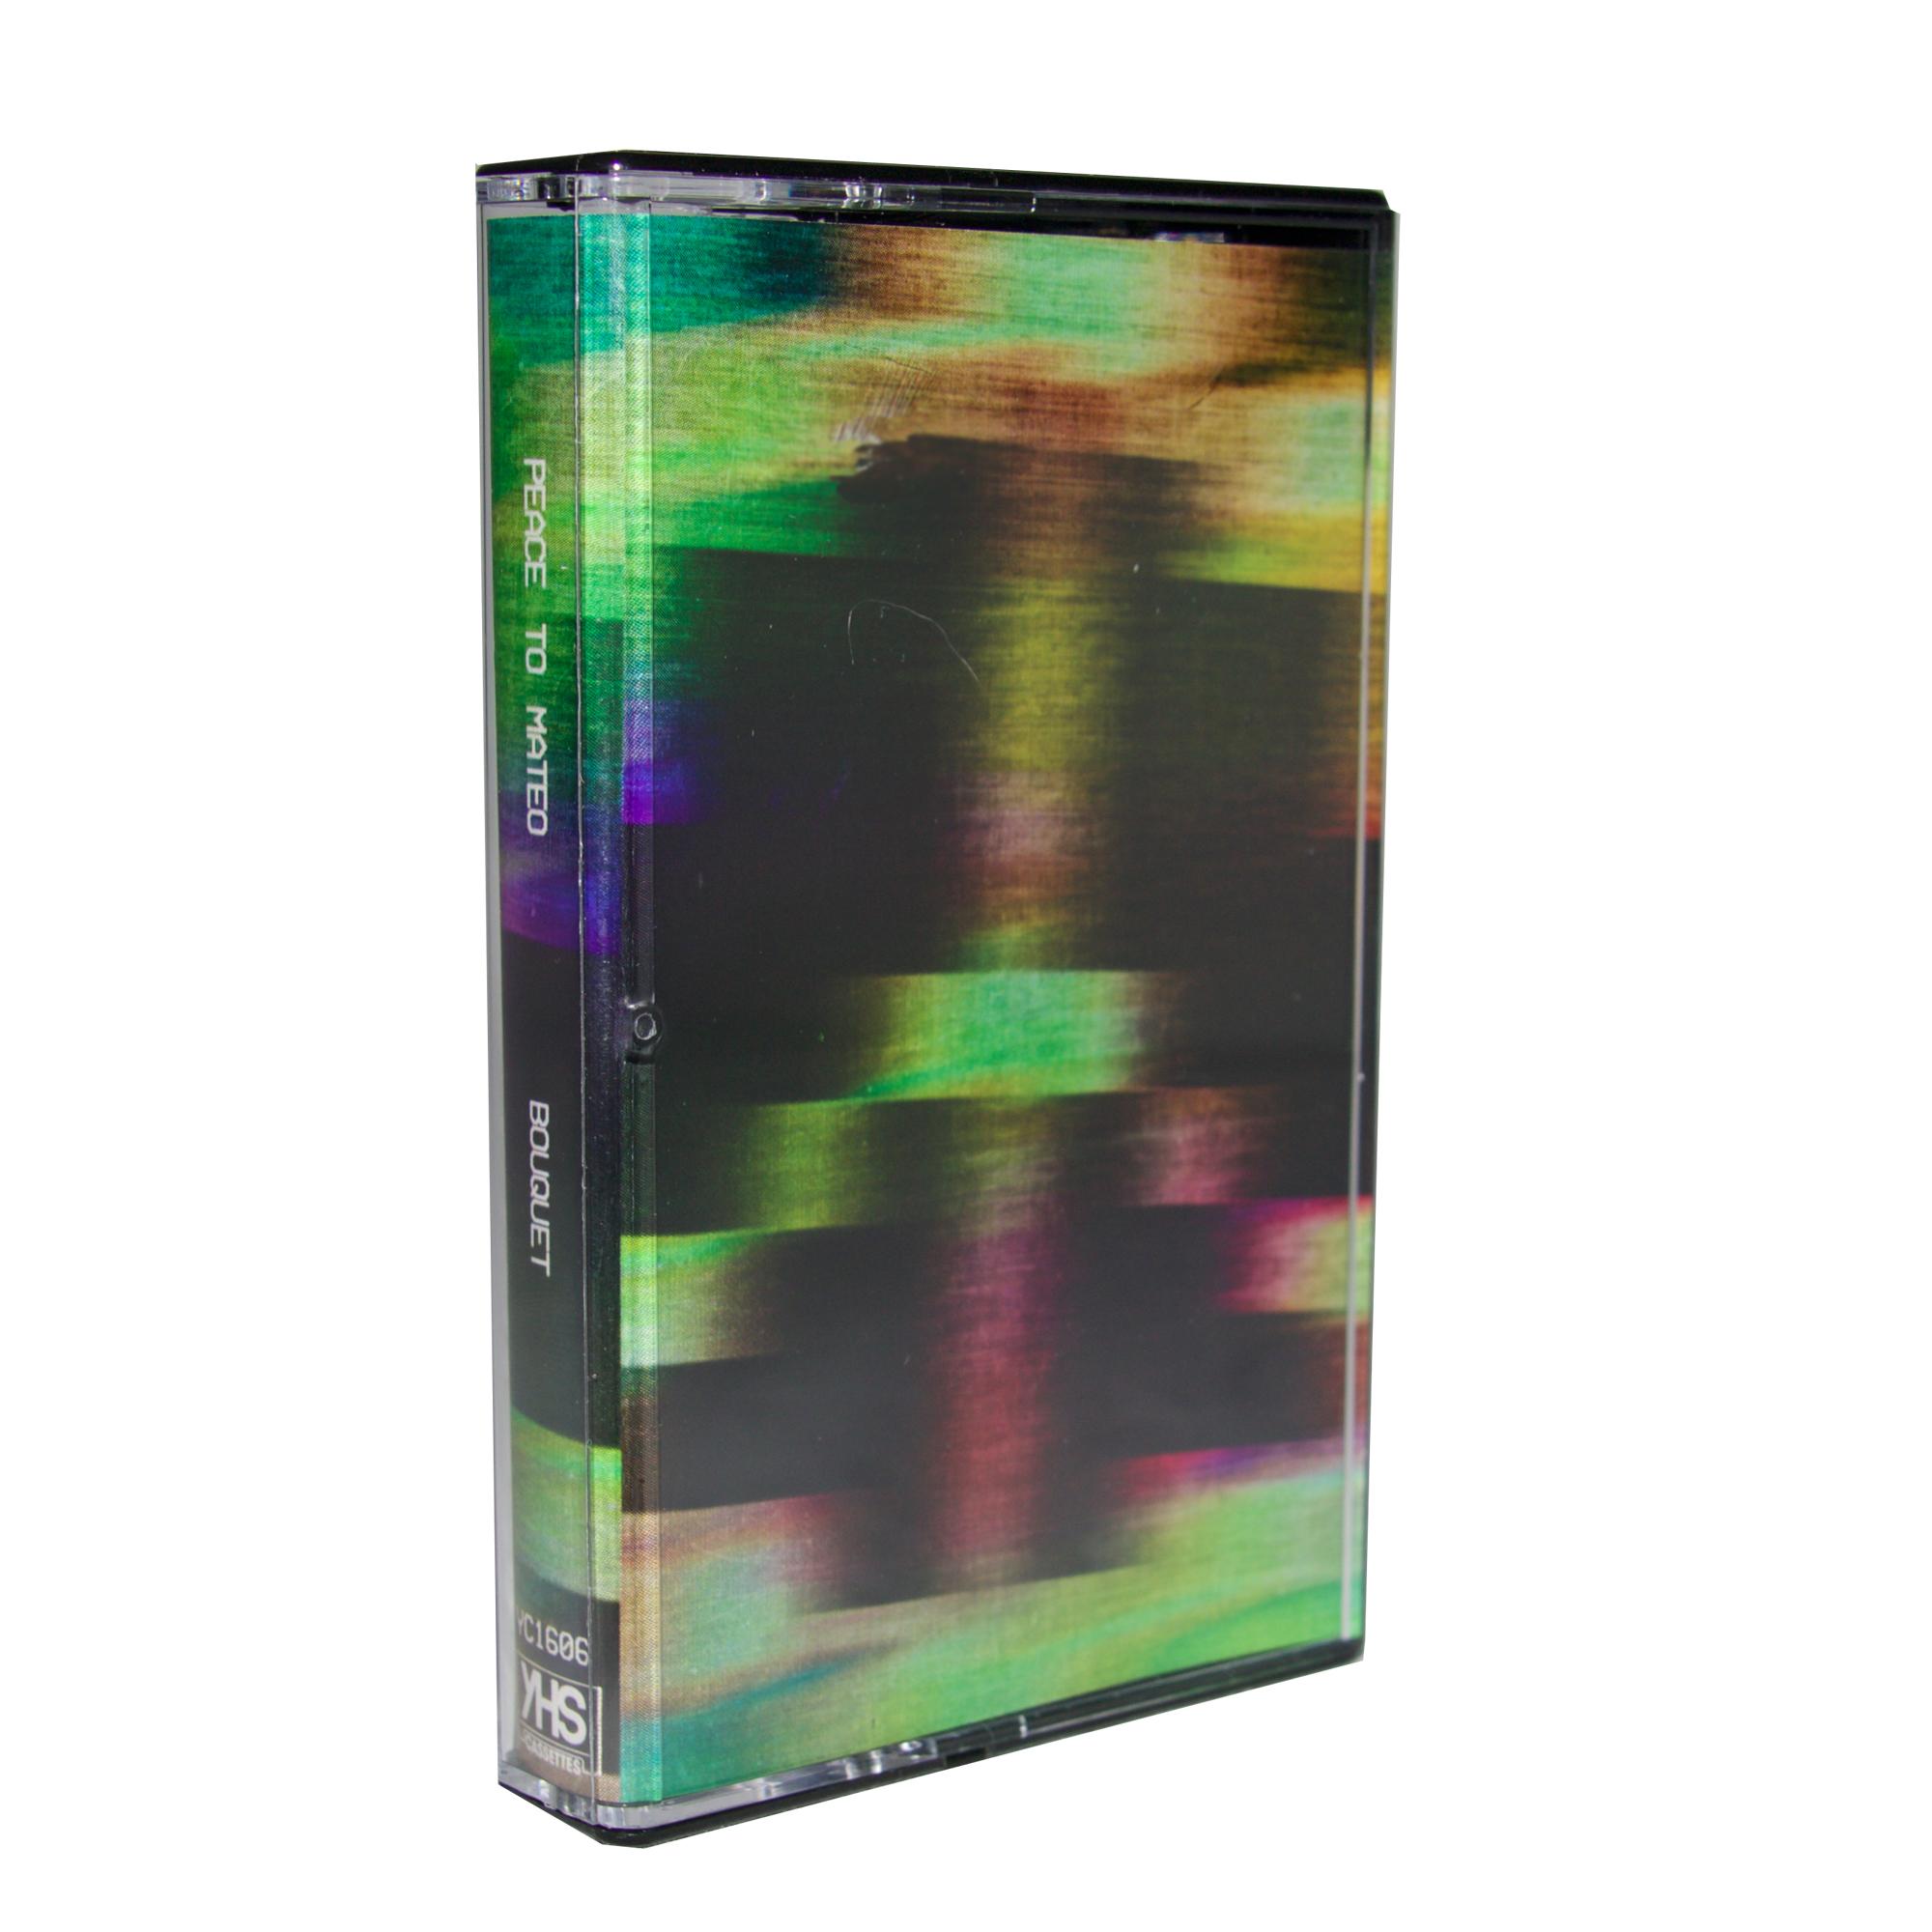 bouquet cassette.jpg